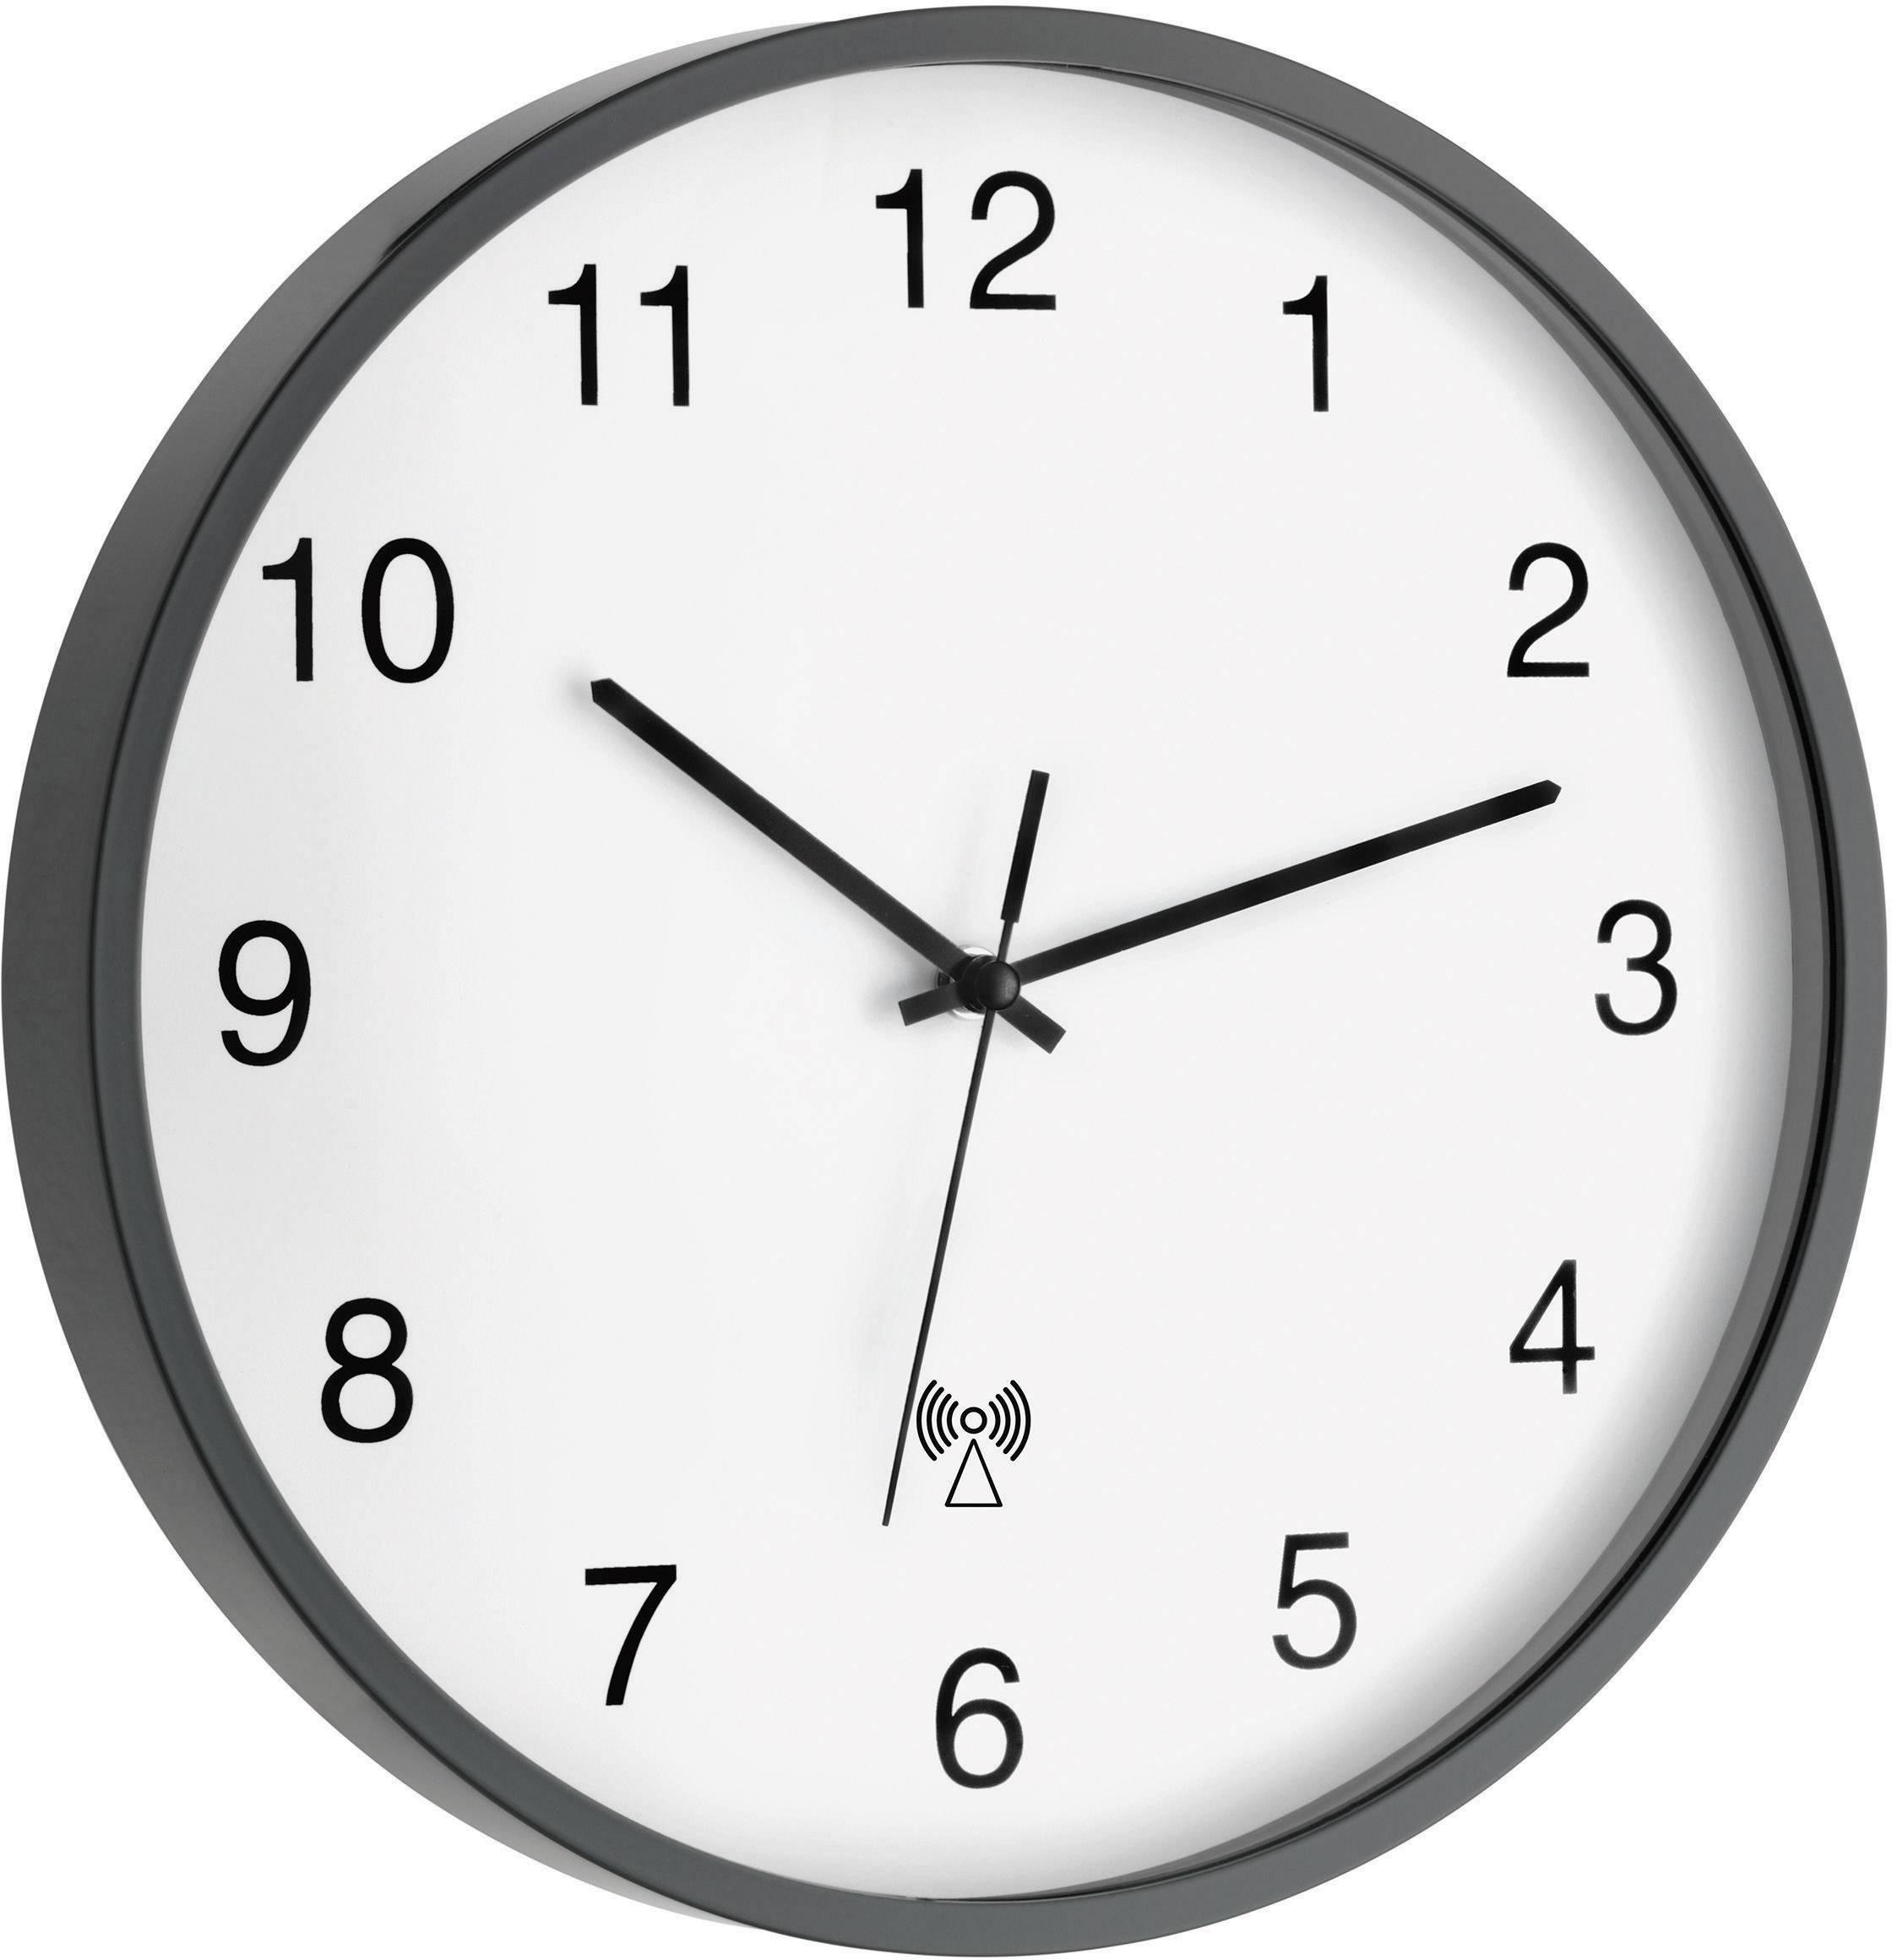 Analógové nástenné DCF hodiny Ø 30 cm, čierne